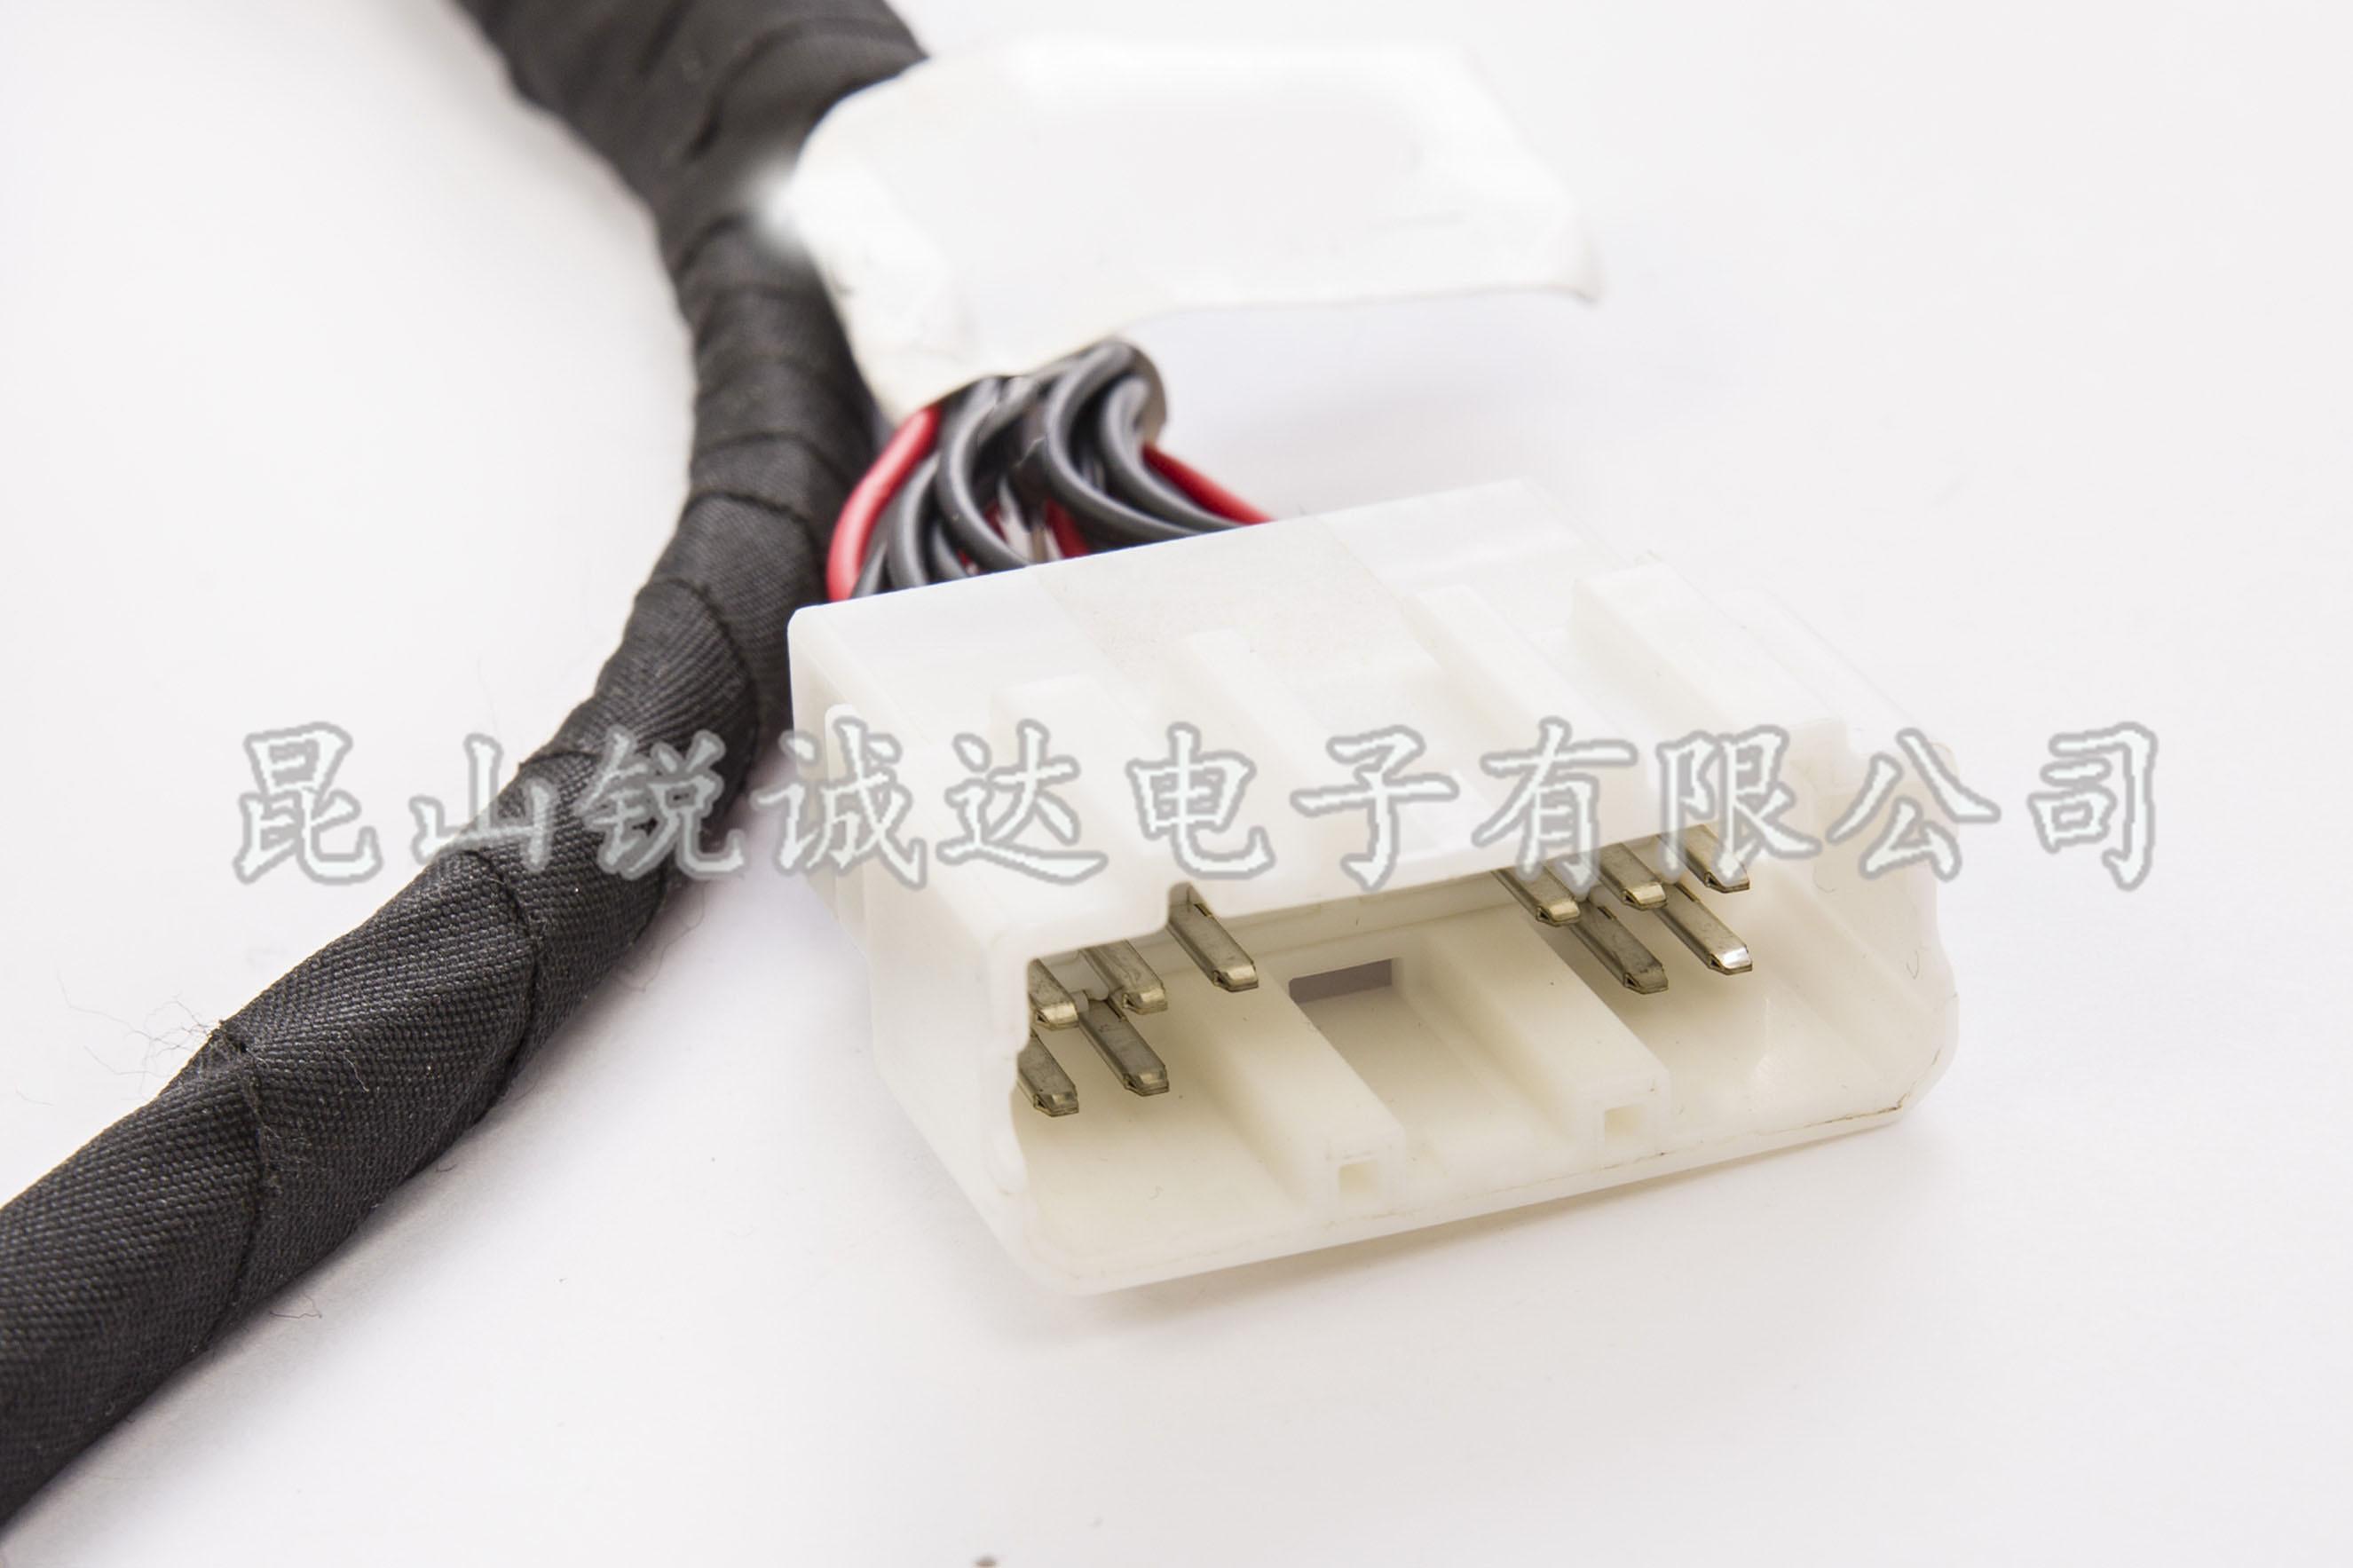 上海优质控制器线束质量怎么样 欢迎咨询 锐诚达供